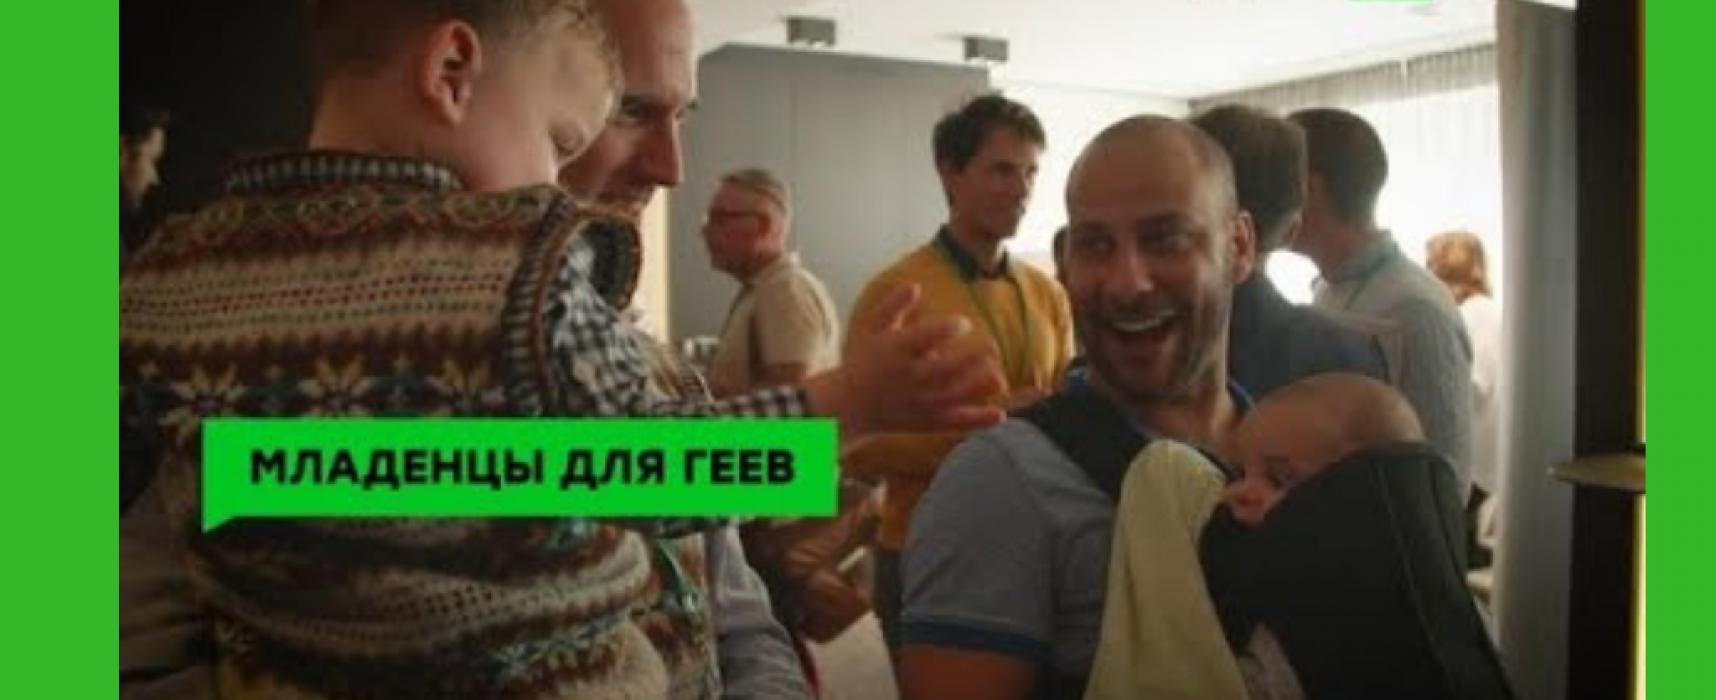 Gazprom TV ataca a la comunidad LGBT